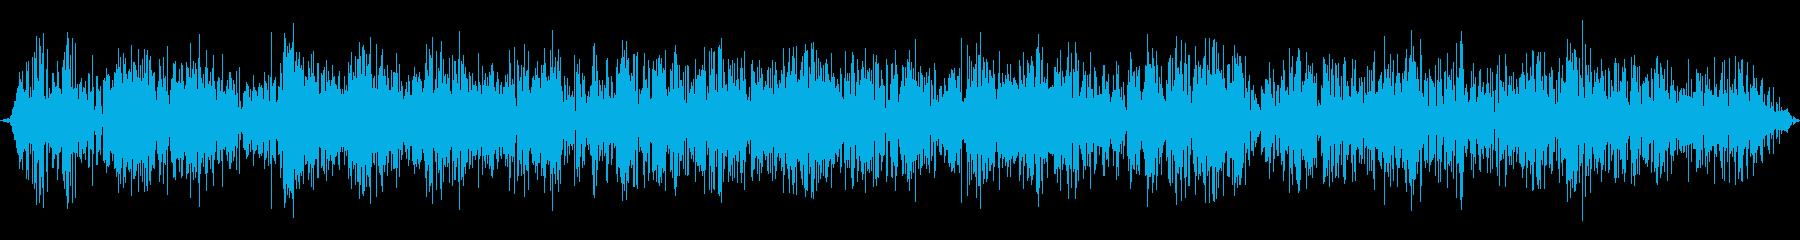 麻雀牌を混ぜる音です。実際に4人で混ぜ…の再生済みの波形